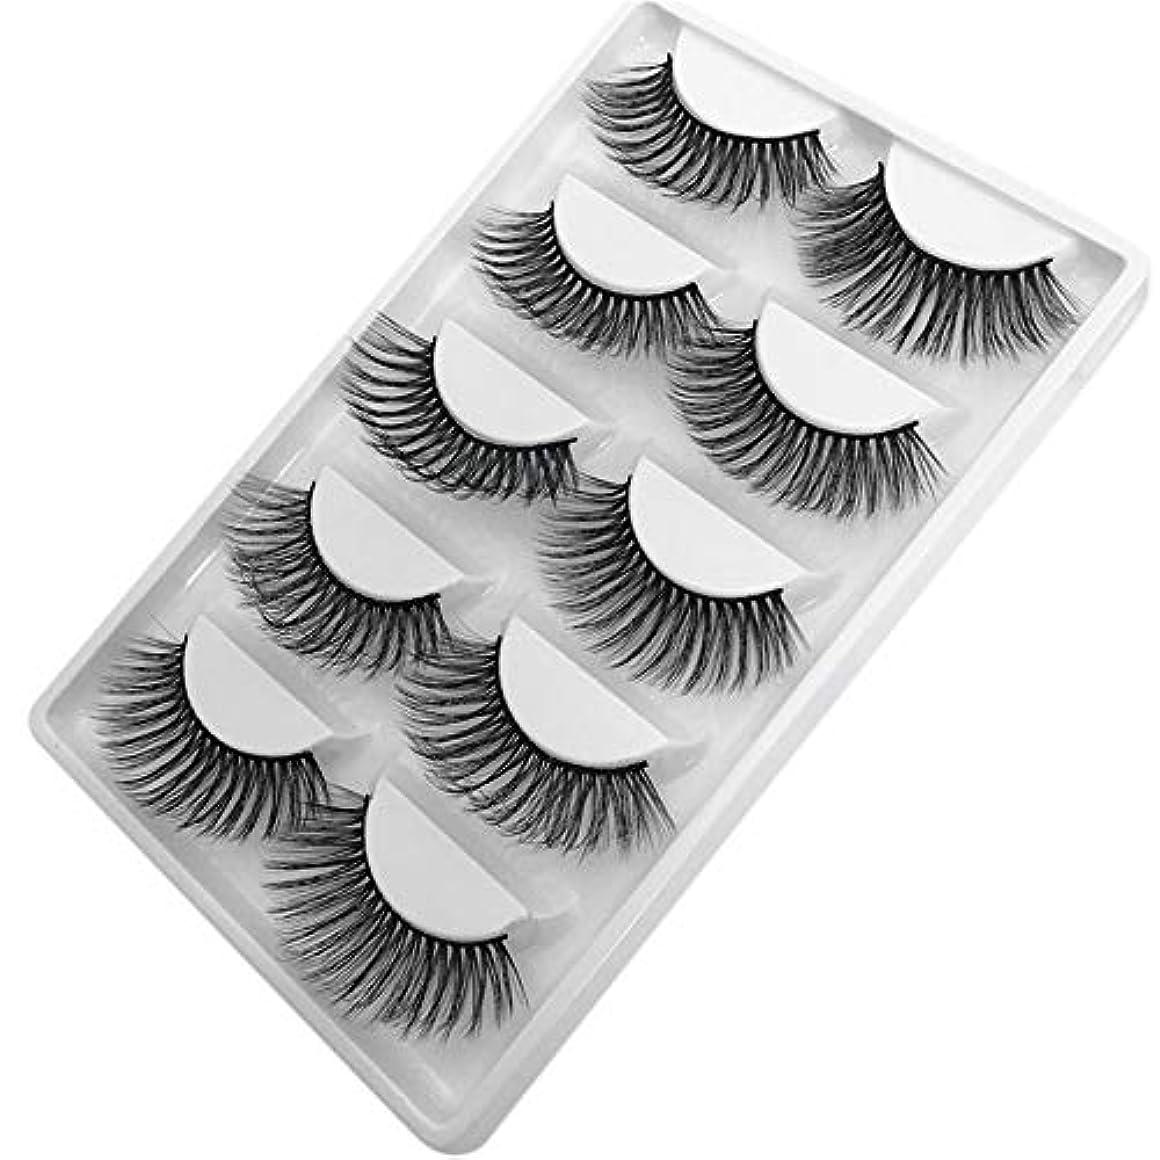 誰でも曲線知らせるFeteso 5組 まつげセット 偽の3Dつけまつげ 魅力的手作り 超極細素材 人気 ナチュラル 飾り 再利用可能 濃密 超濃密 自然セット やわらかい Eyelashes 高品質